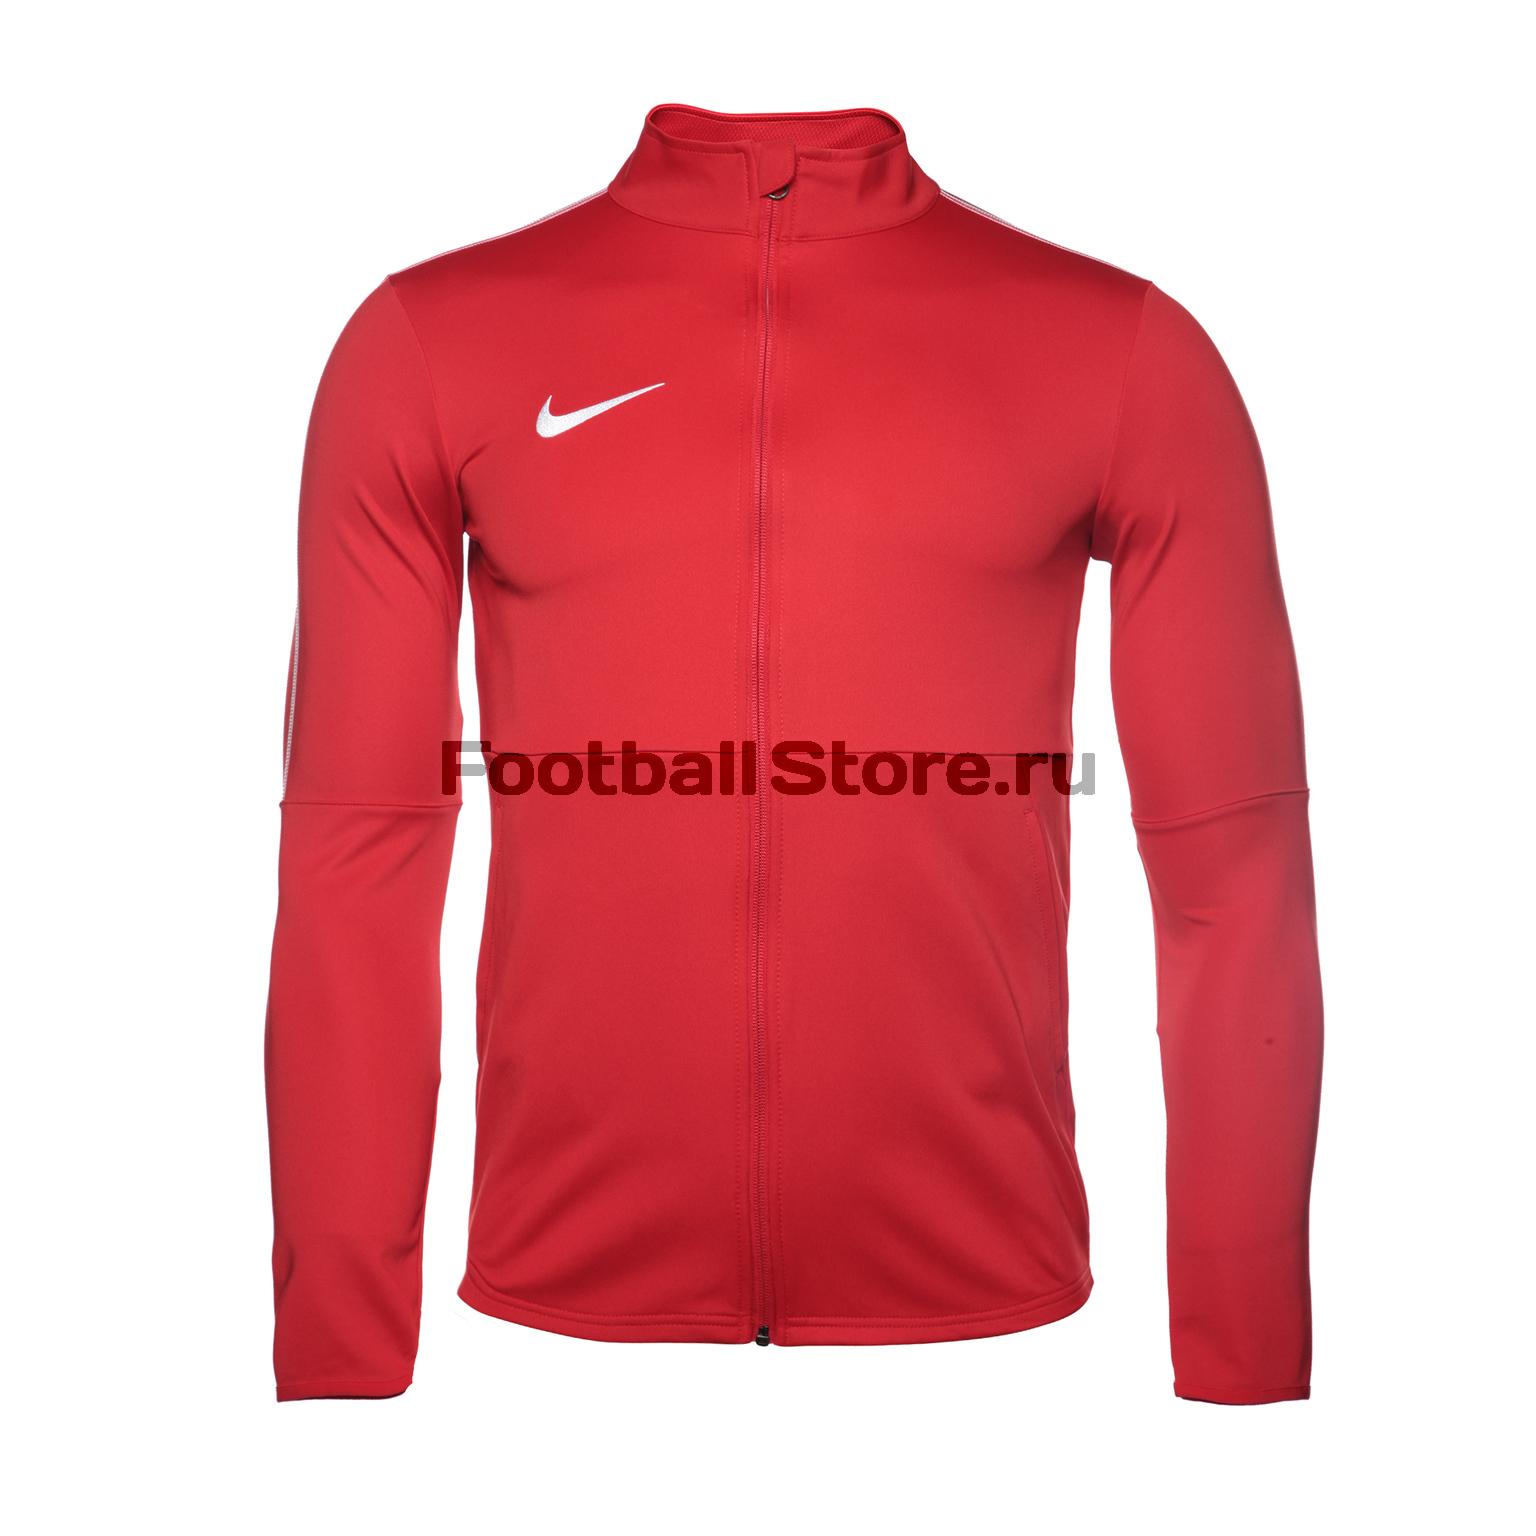 Олимпийка Nike Dry Park18 AA2059-657 цена